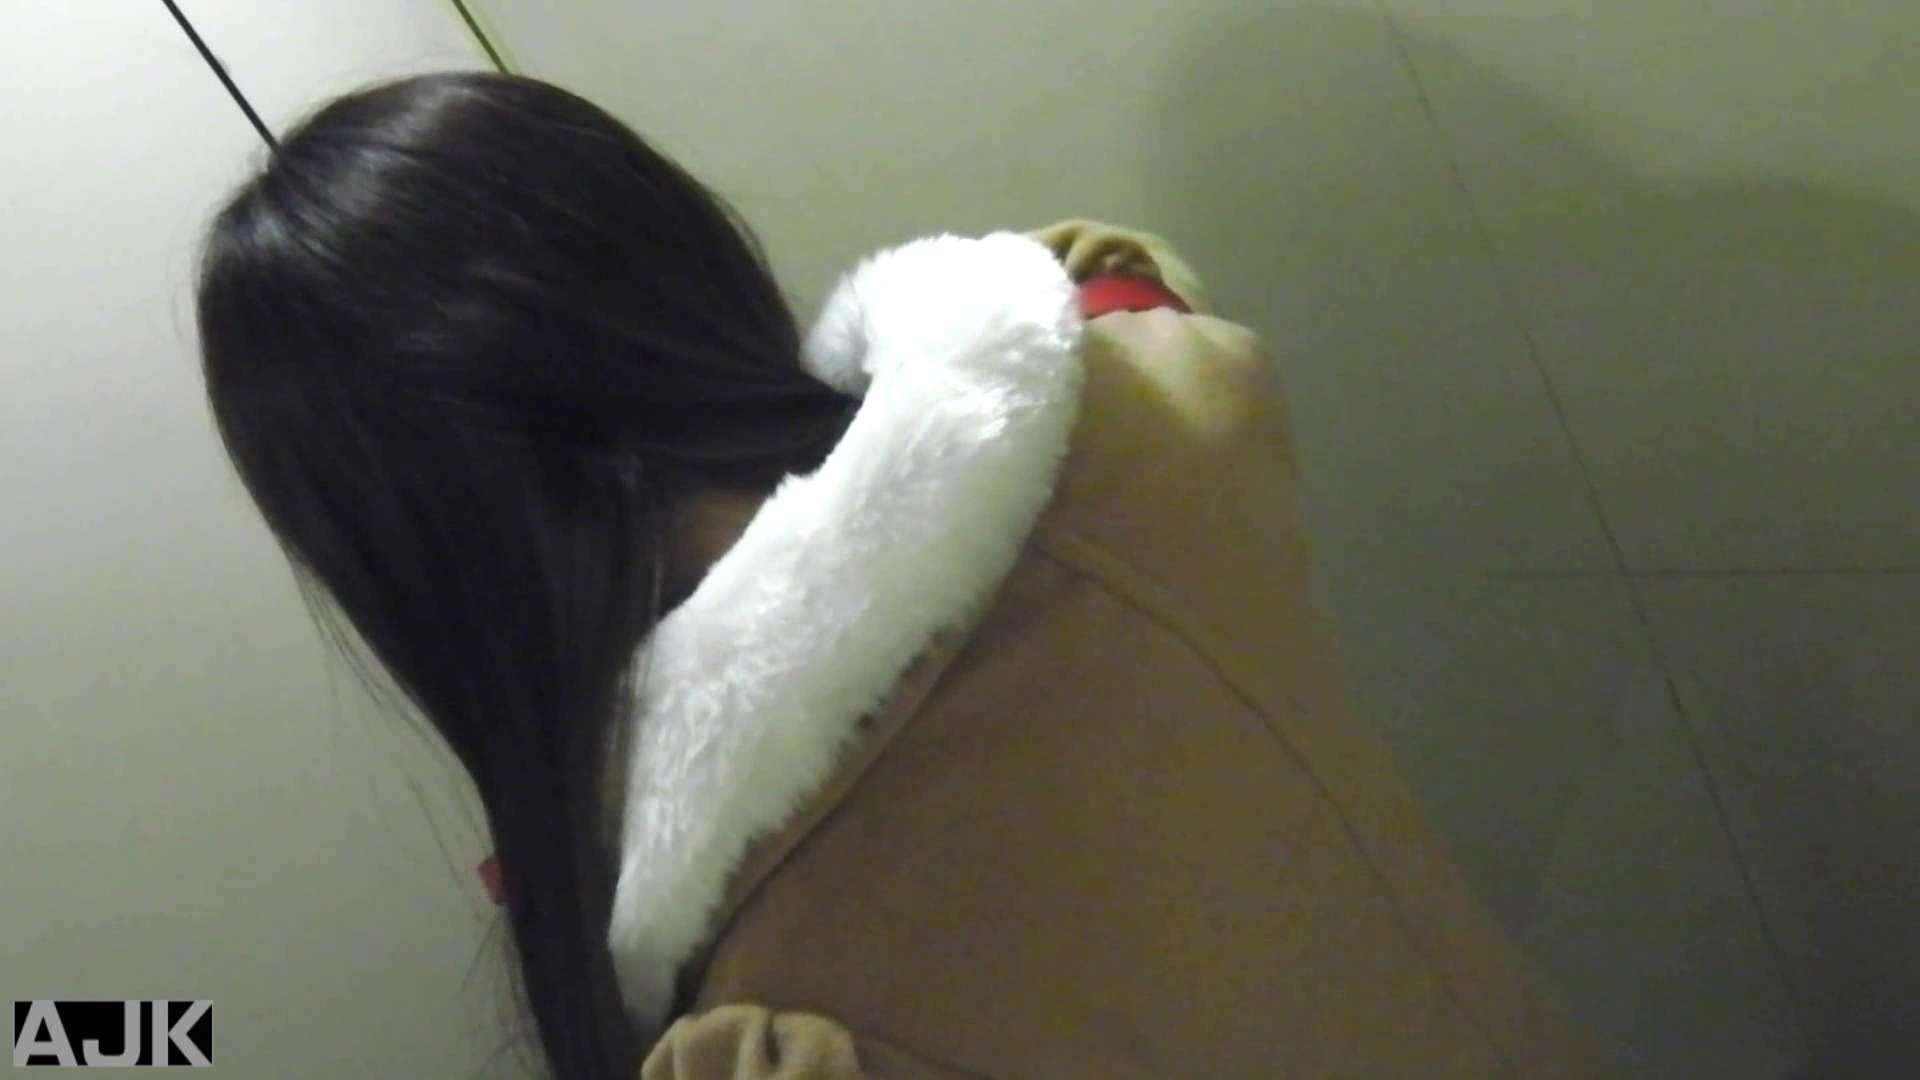 隣国上階級エリアの令嬢たちが集うデパートお手洗い Vol.18 女子トイレ編 オメコ無修正動画無料 23画像 9